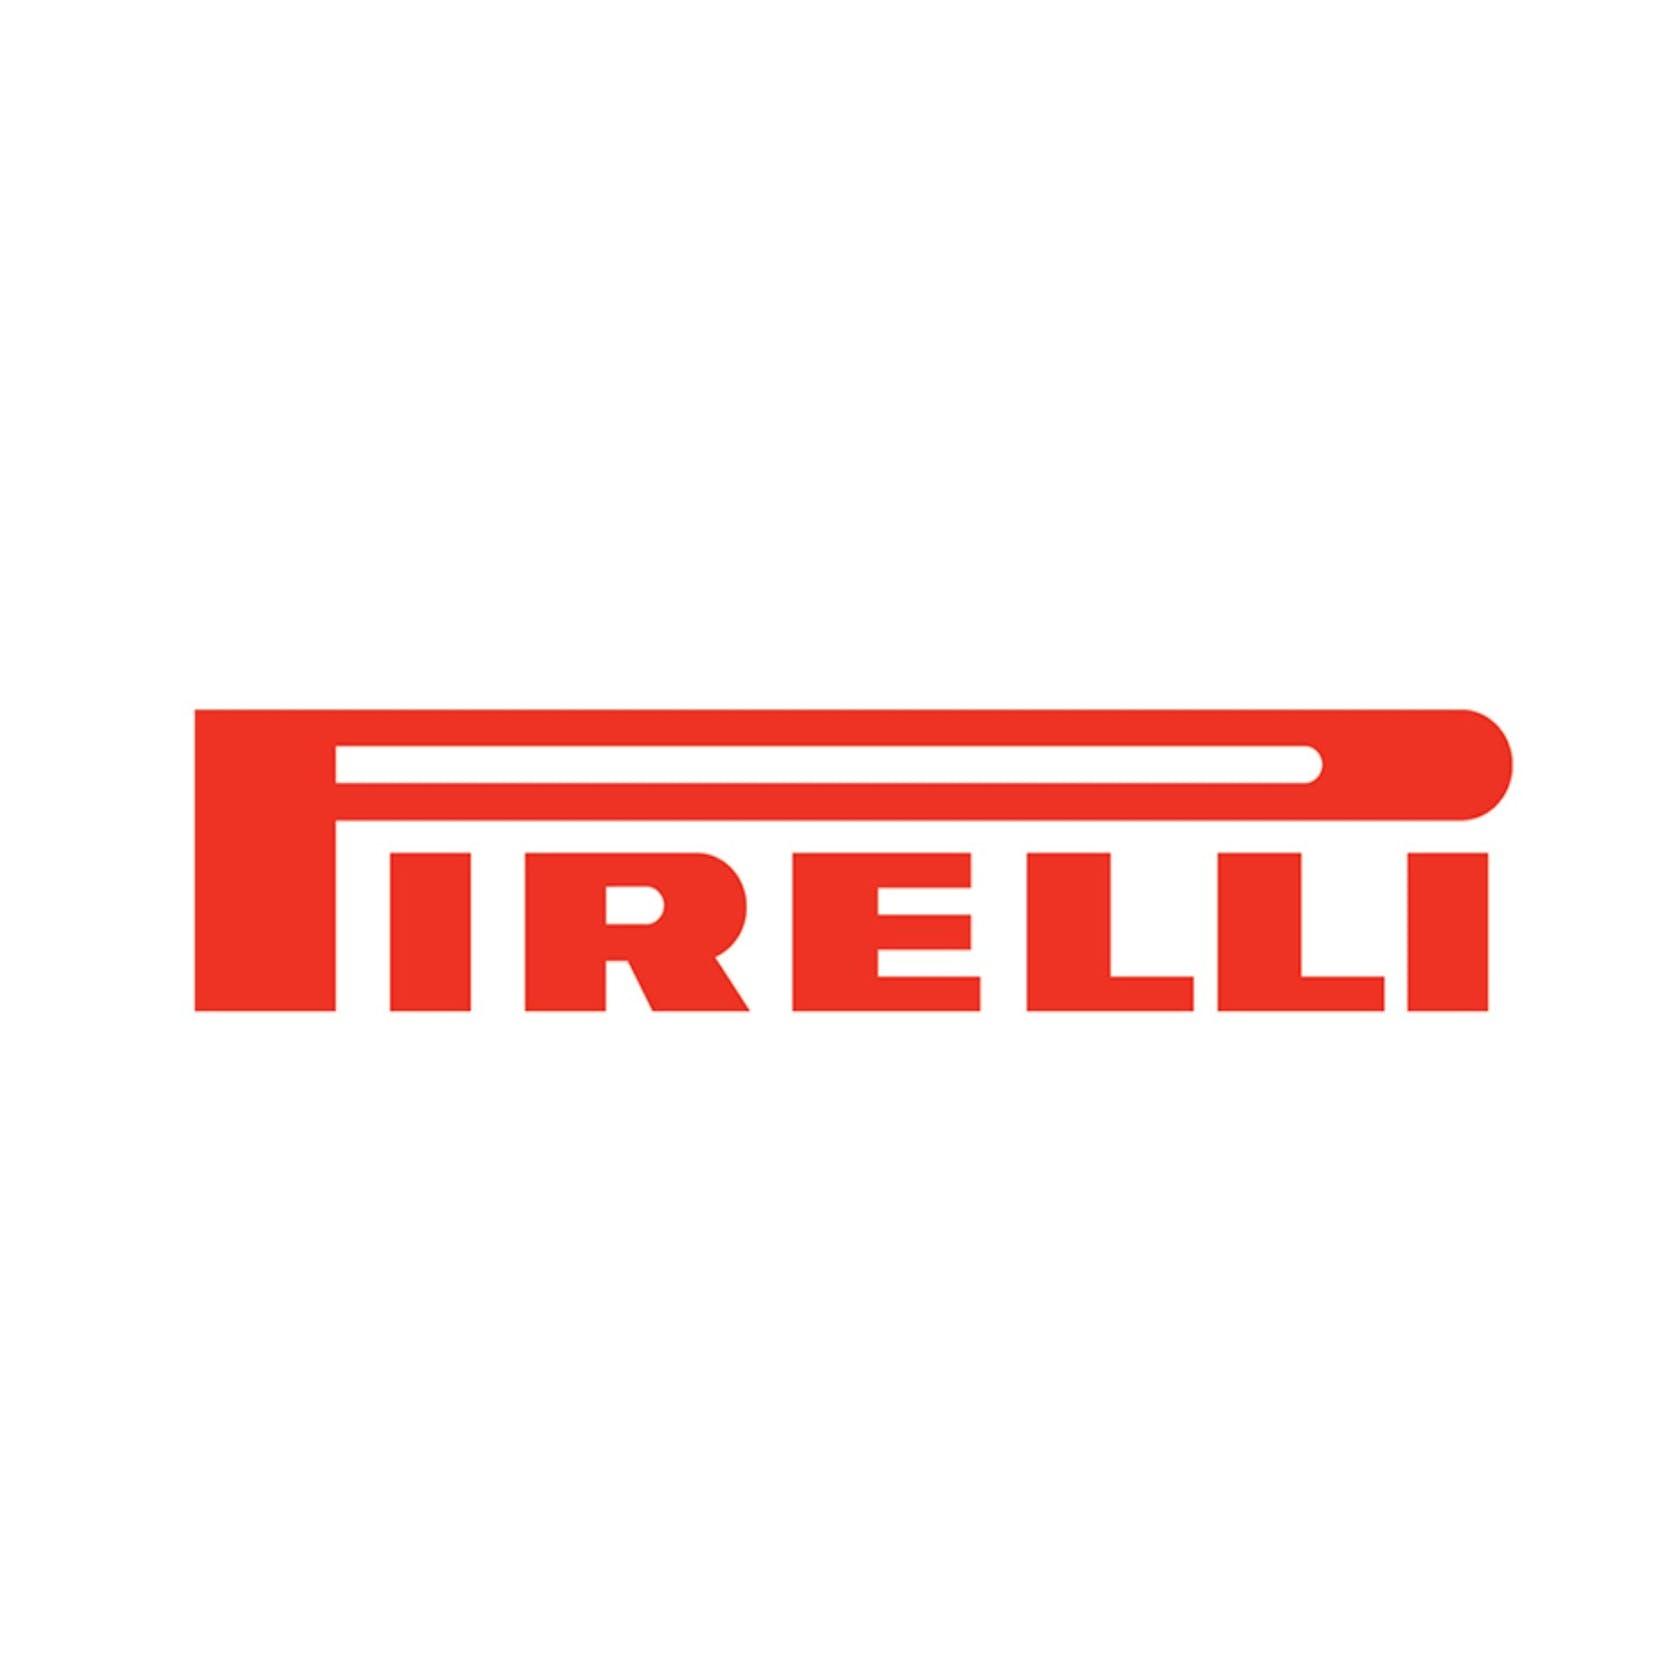 Pirelli Onlineshop